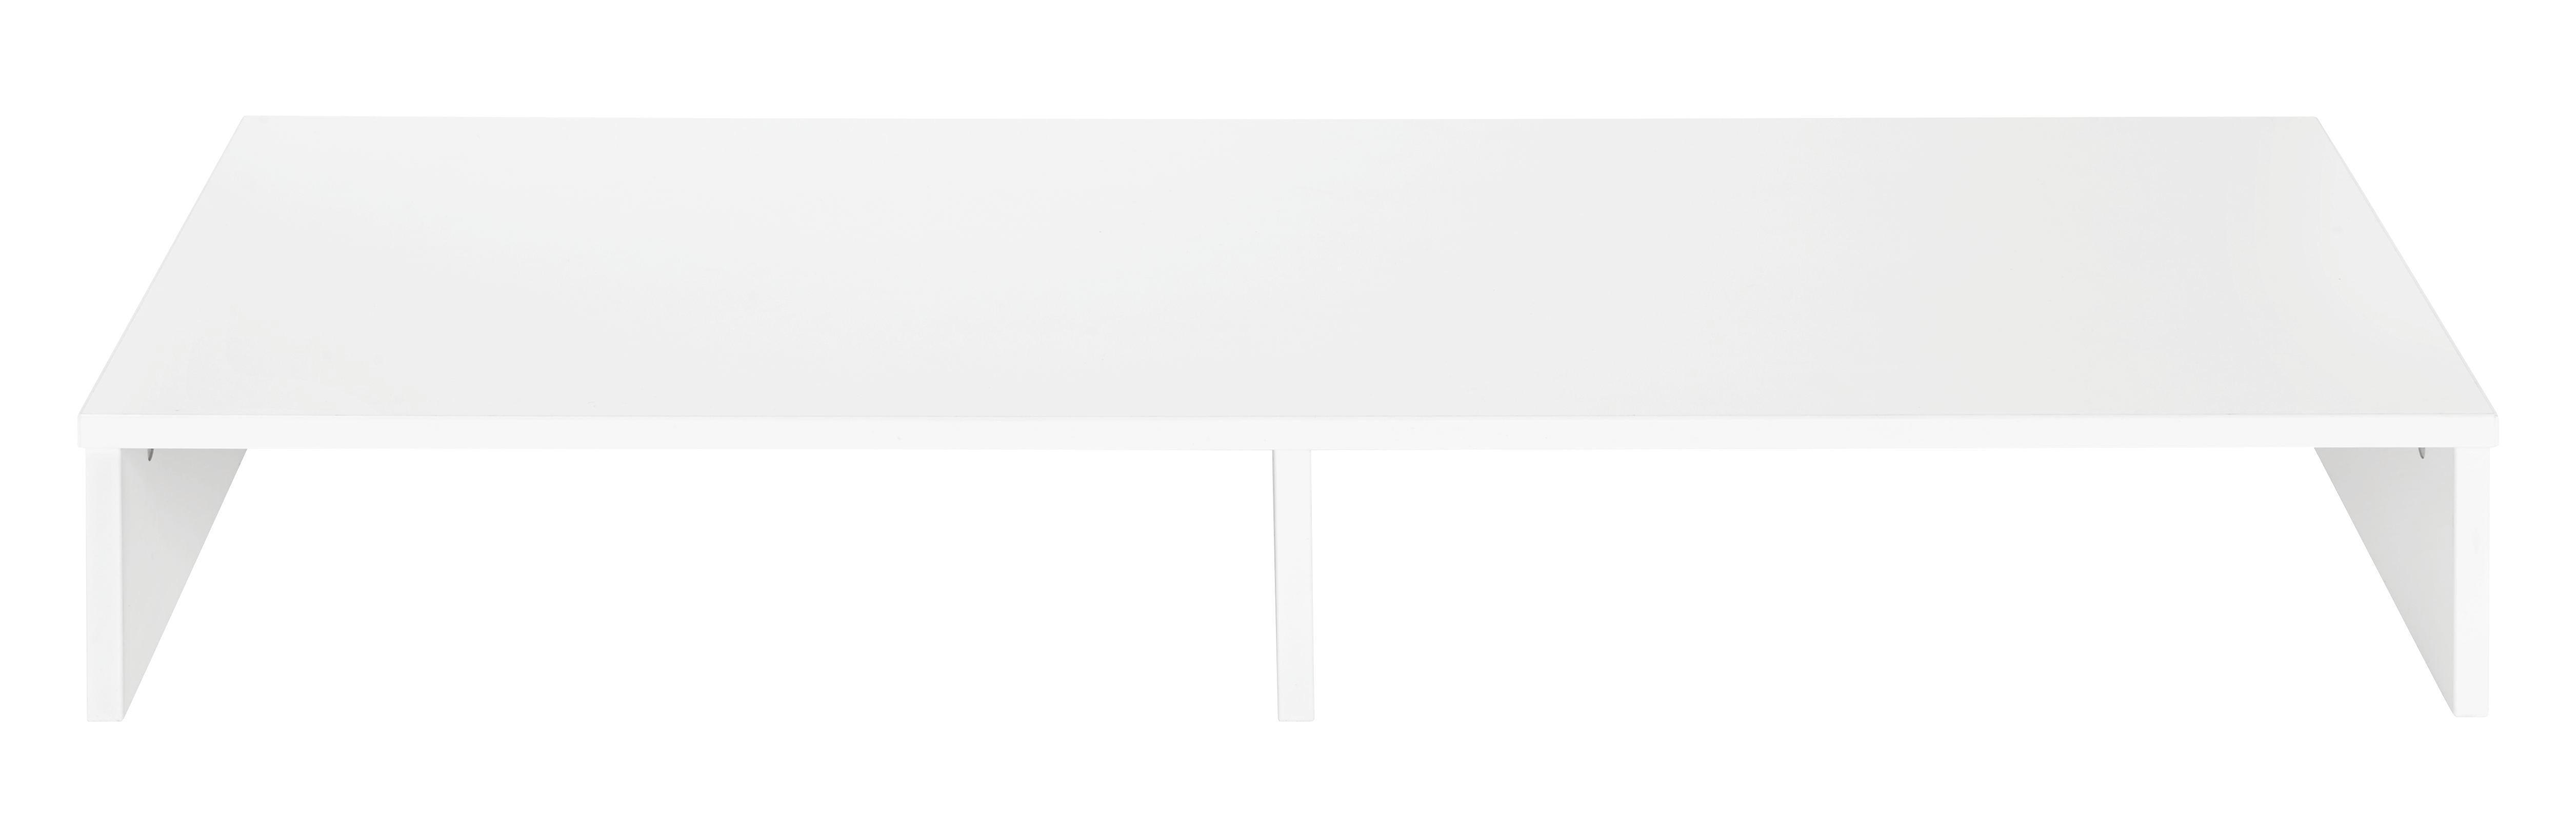 TV-Aufsatz Weiß - Weiß, Holz (99/14/34cm) - MÖMAX modern living